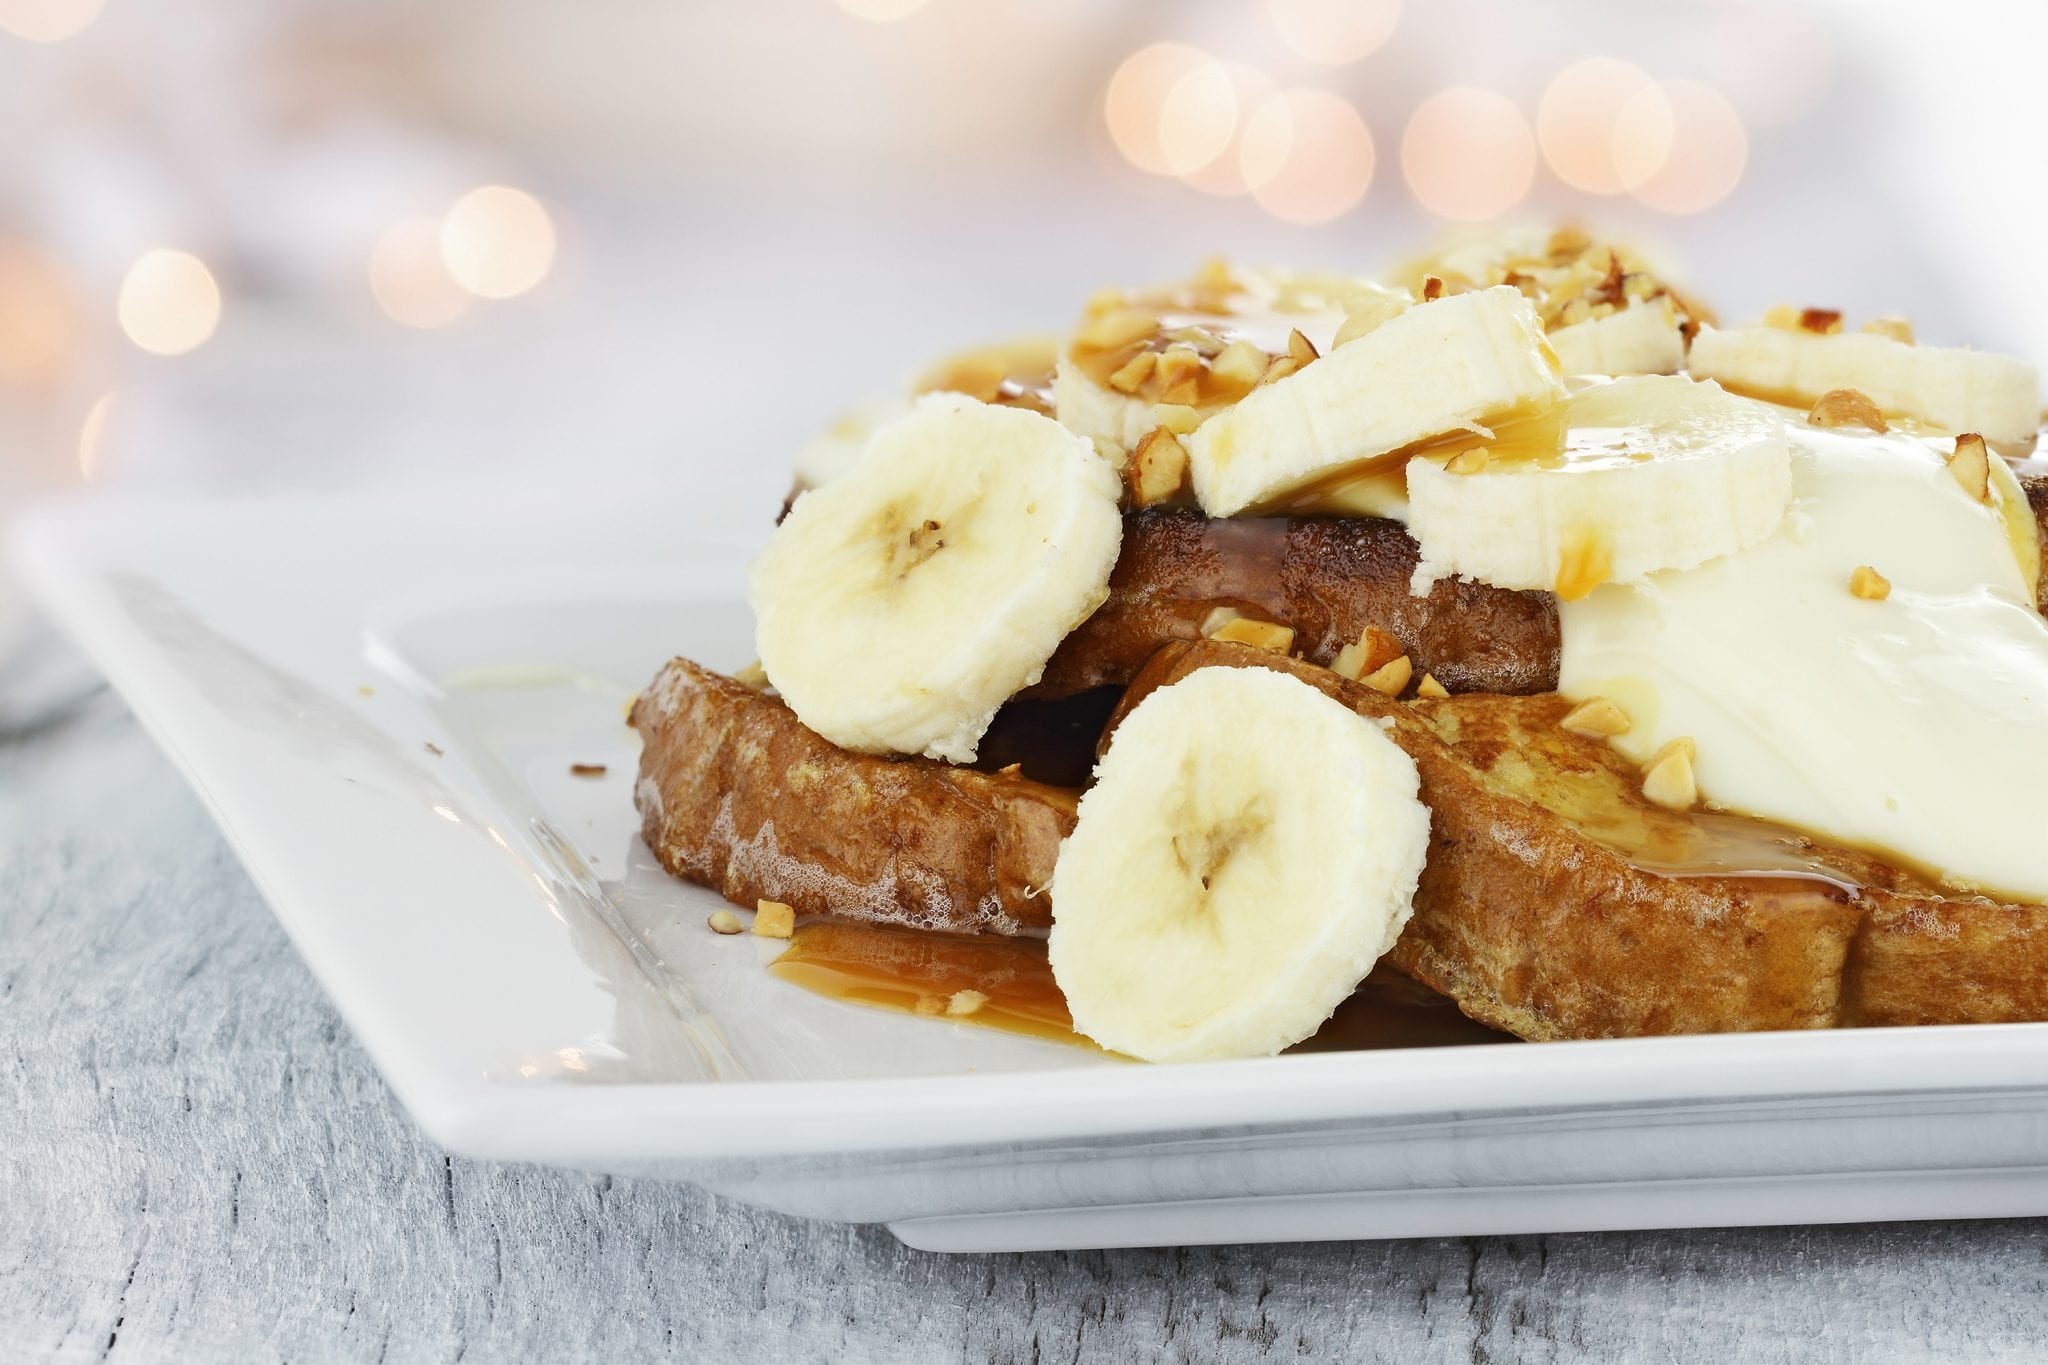 5 Minute Banana Nut French Toast, national french toast day, recipes, healthy recipes, breakfast recipes